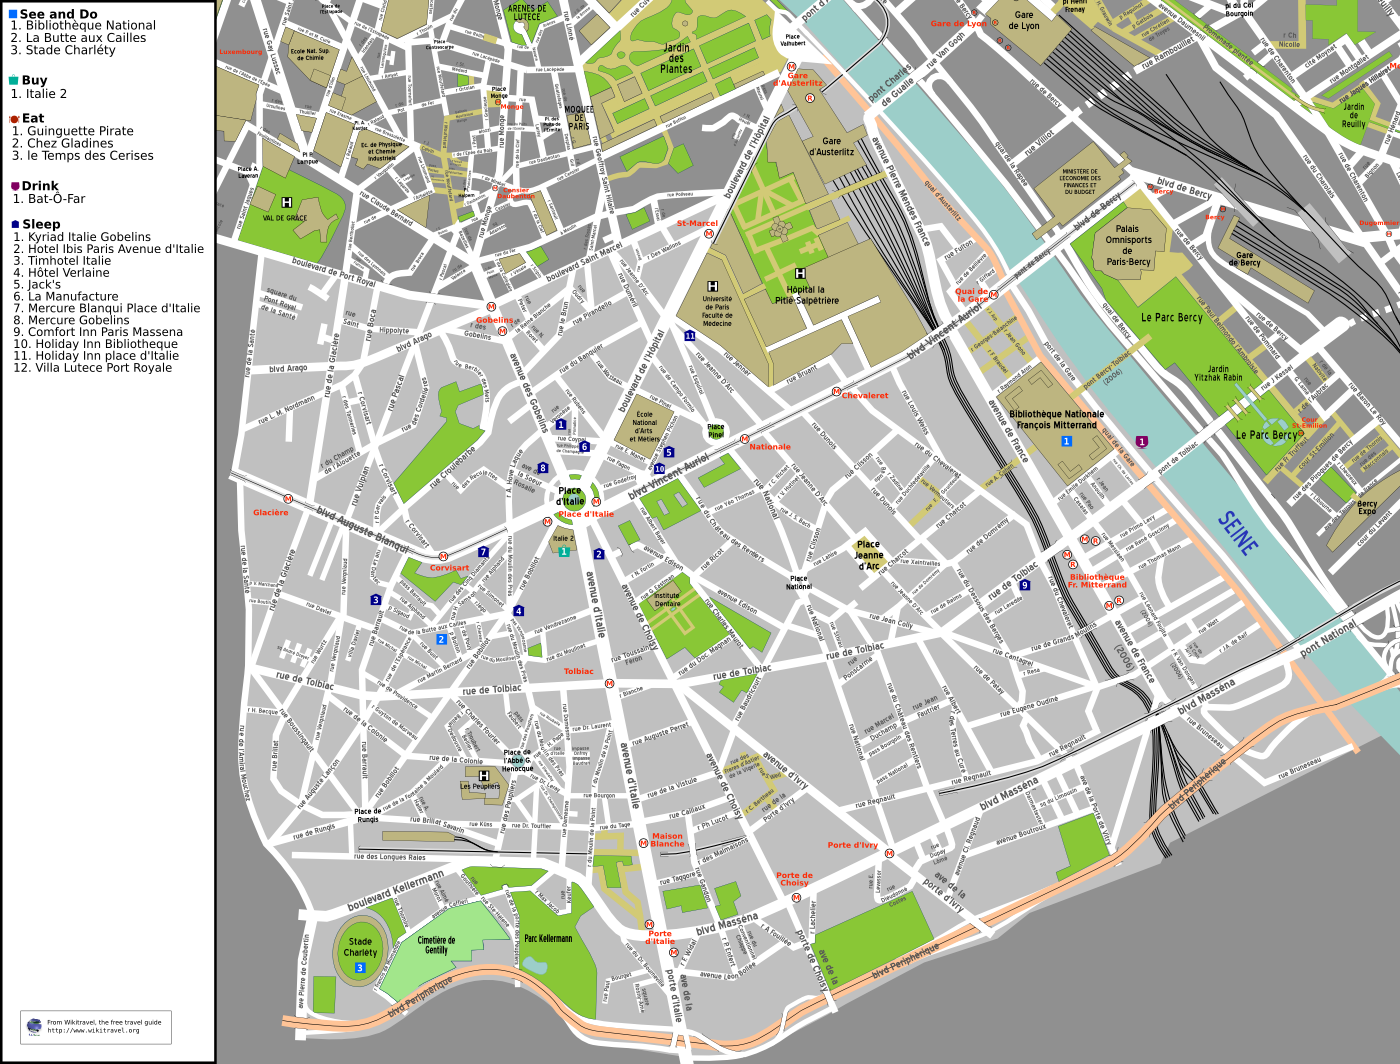 Liste Des Monuments Aux Morts Du 13e Arrondissement De Paris